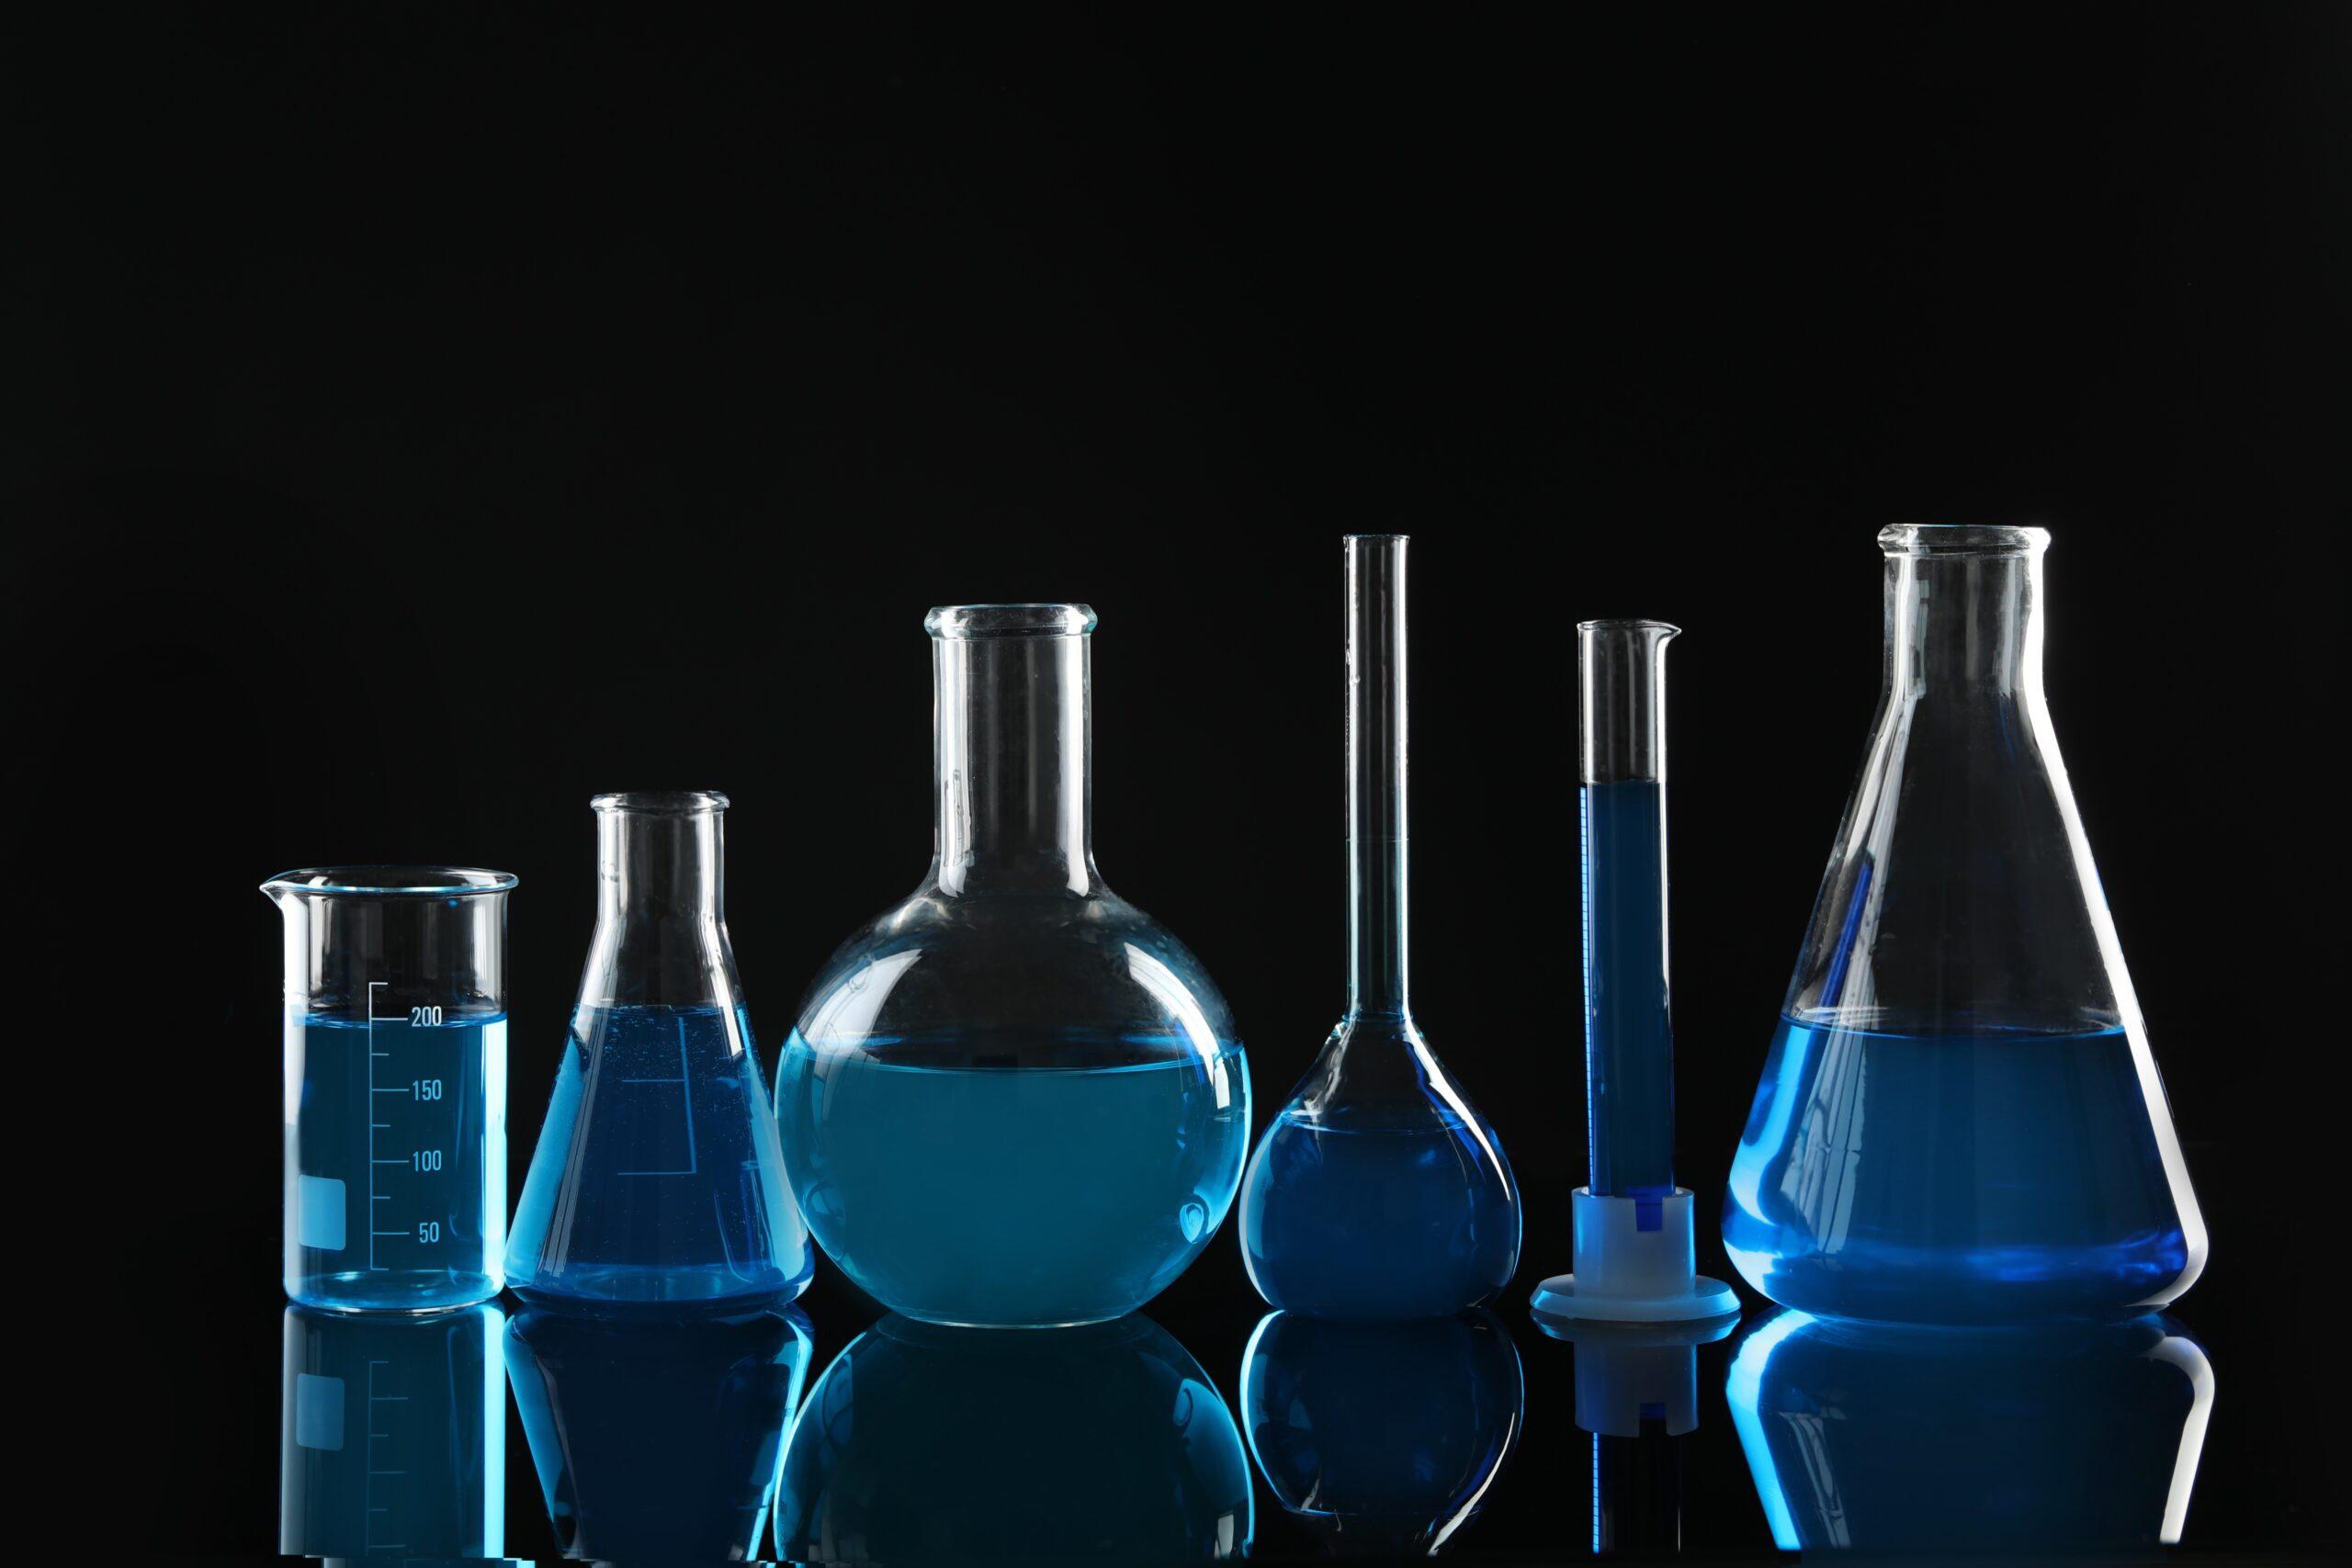 Laboratorieglas med blå vätska i